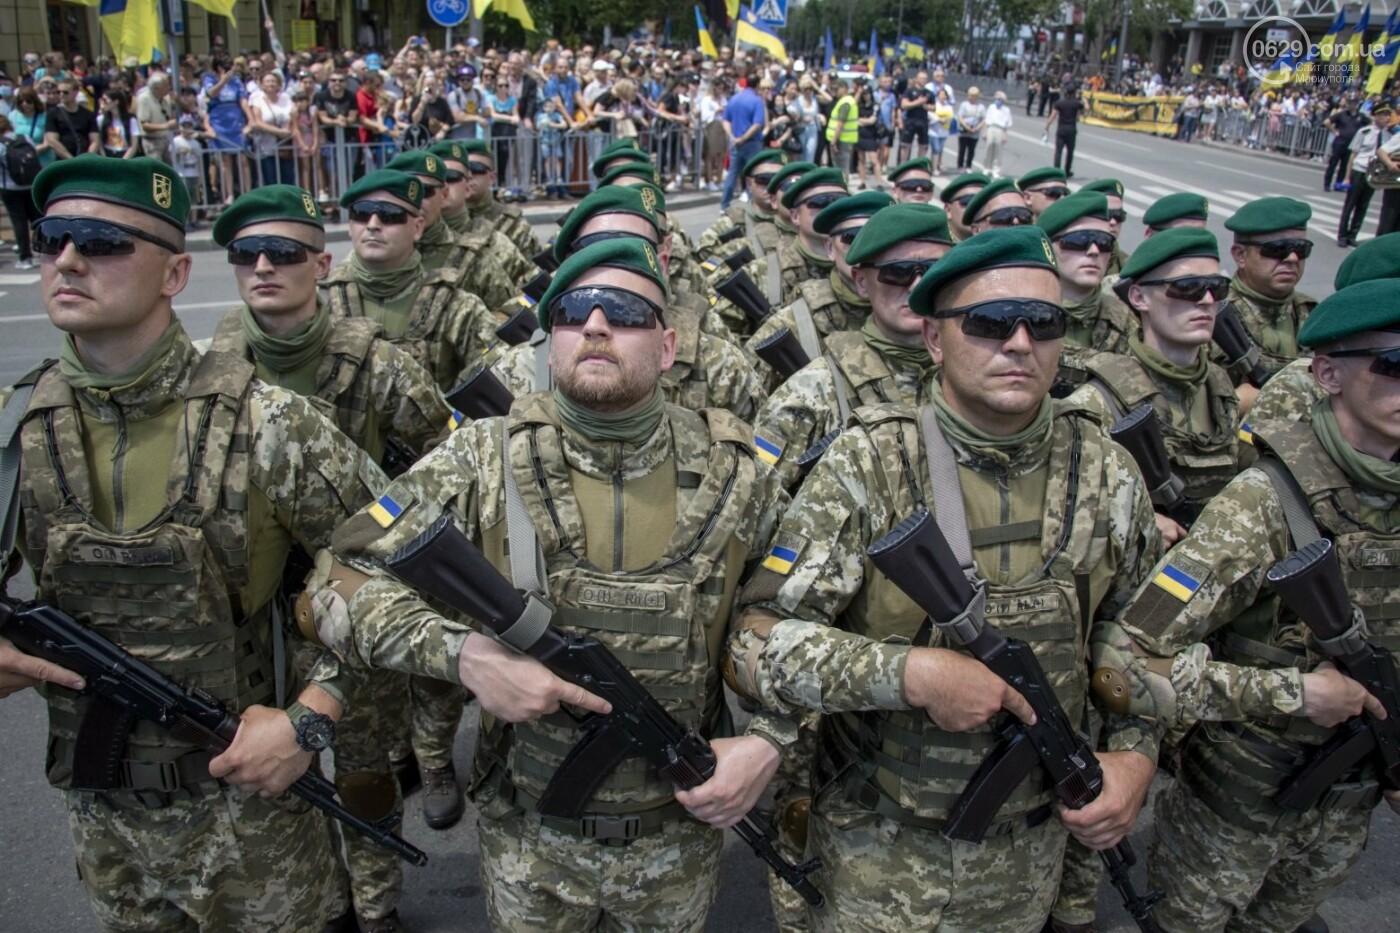 Без мэра. Как прошла в Мариуполе 7-я годовщина освобождения города от террористов и сепаратистов, - ФОТОРЕПОРТАЖ, фото-30